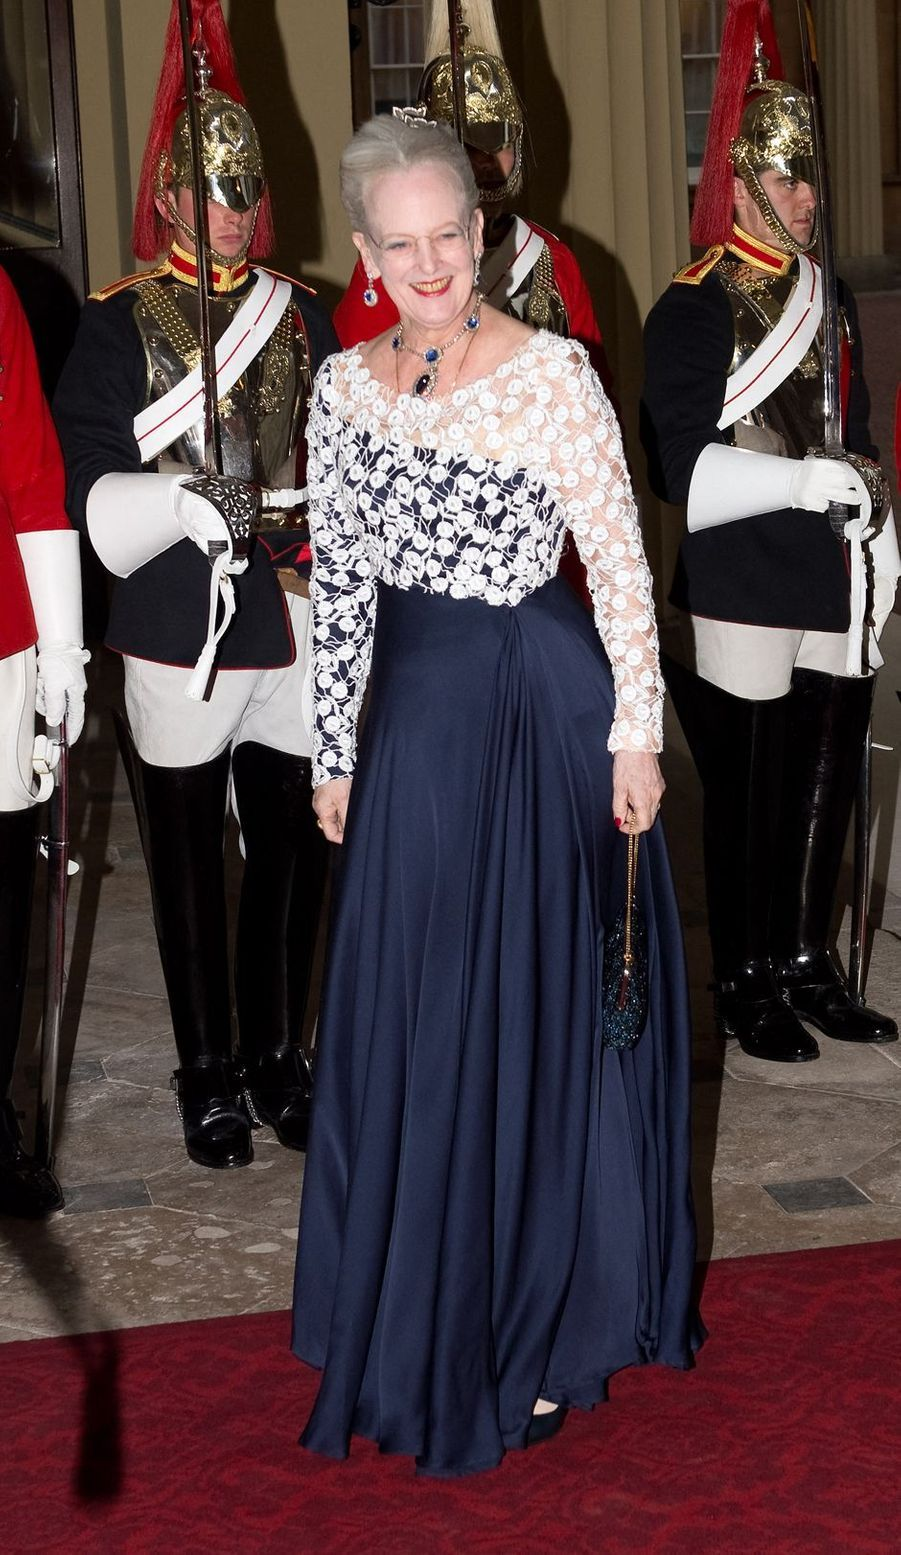 La reine Margrethe II de Danemark lors du dîner offert aux souverains étrangers par le prince Charles et la duchesse de Cornouailles Camilla pour le jubilé de diamant d'Elizabeth II, le 18 mai 2012